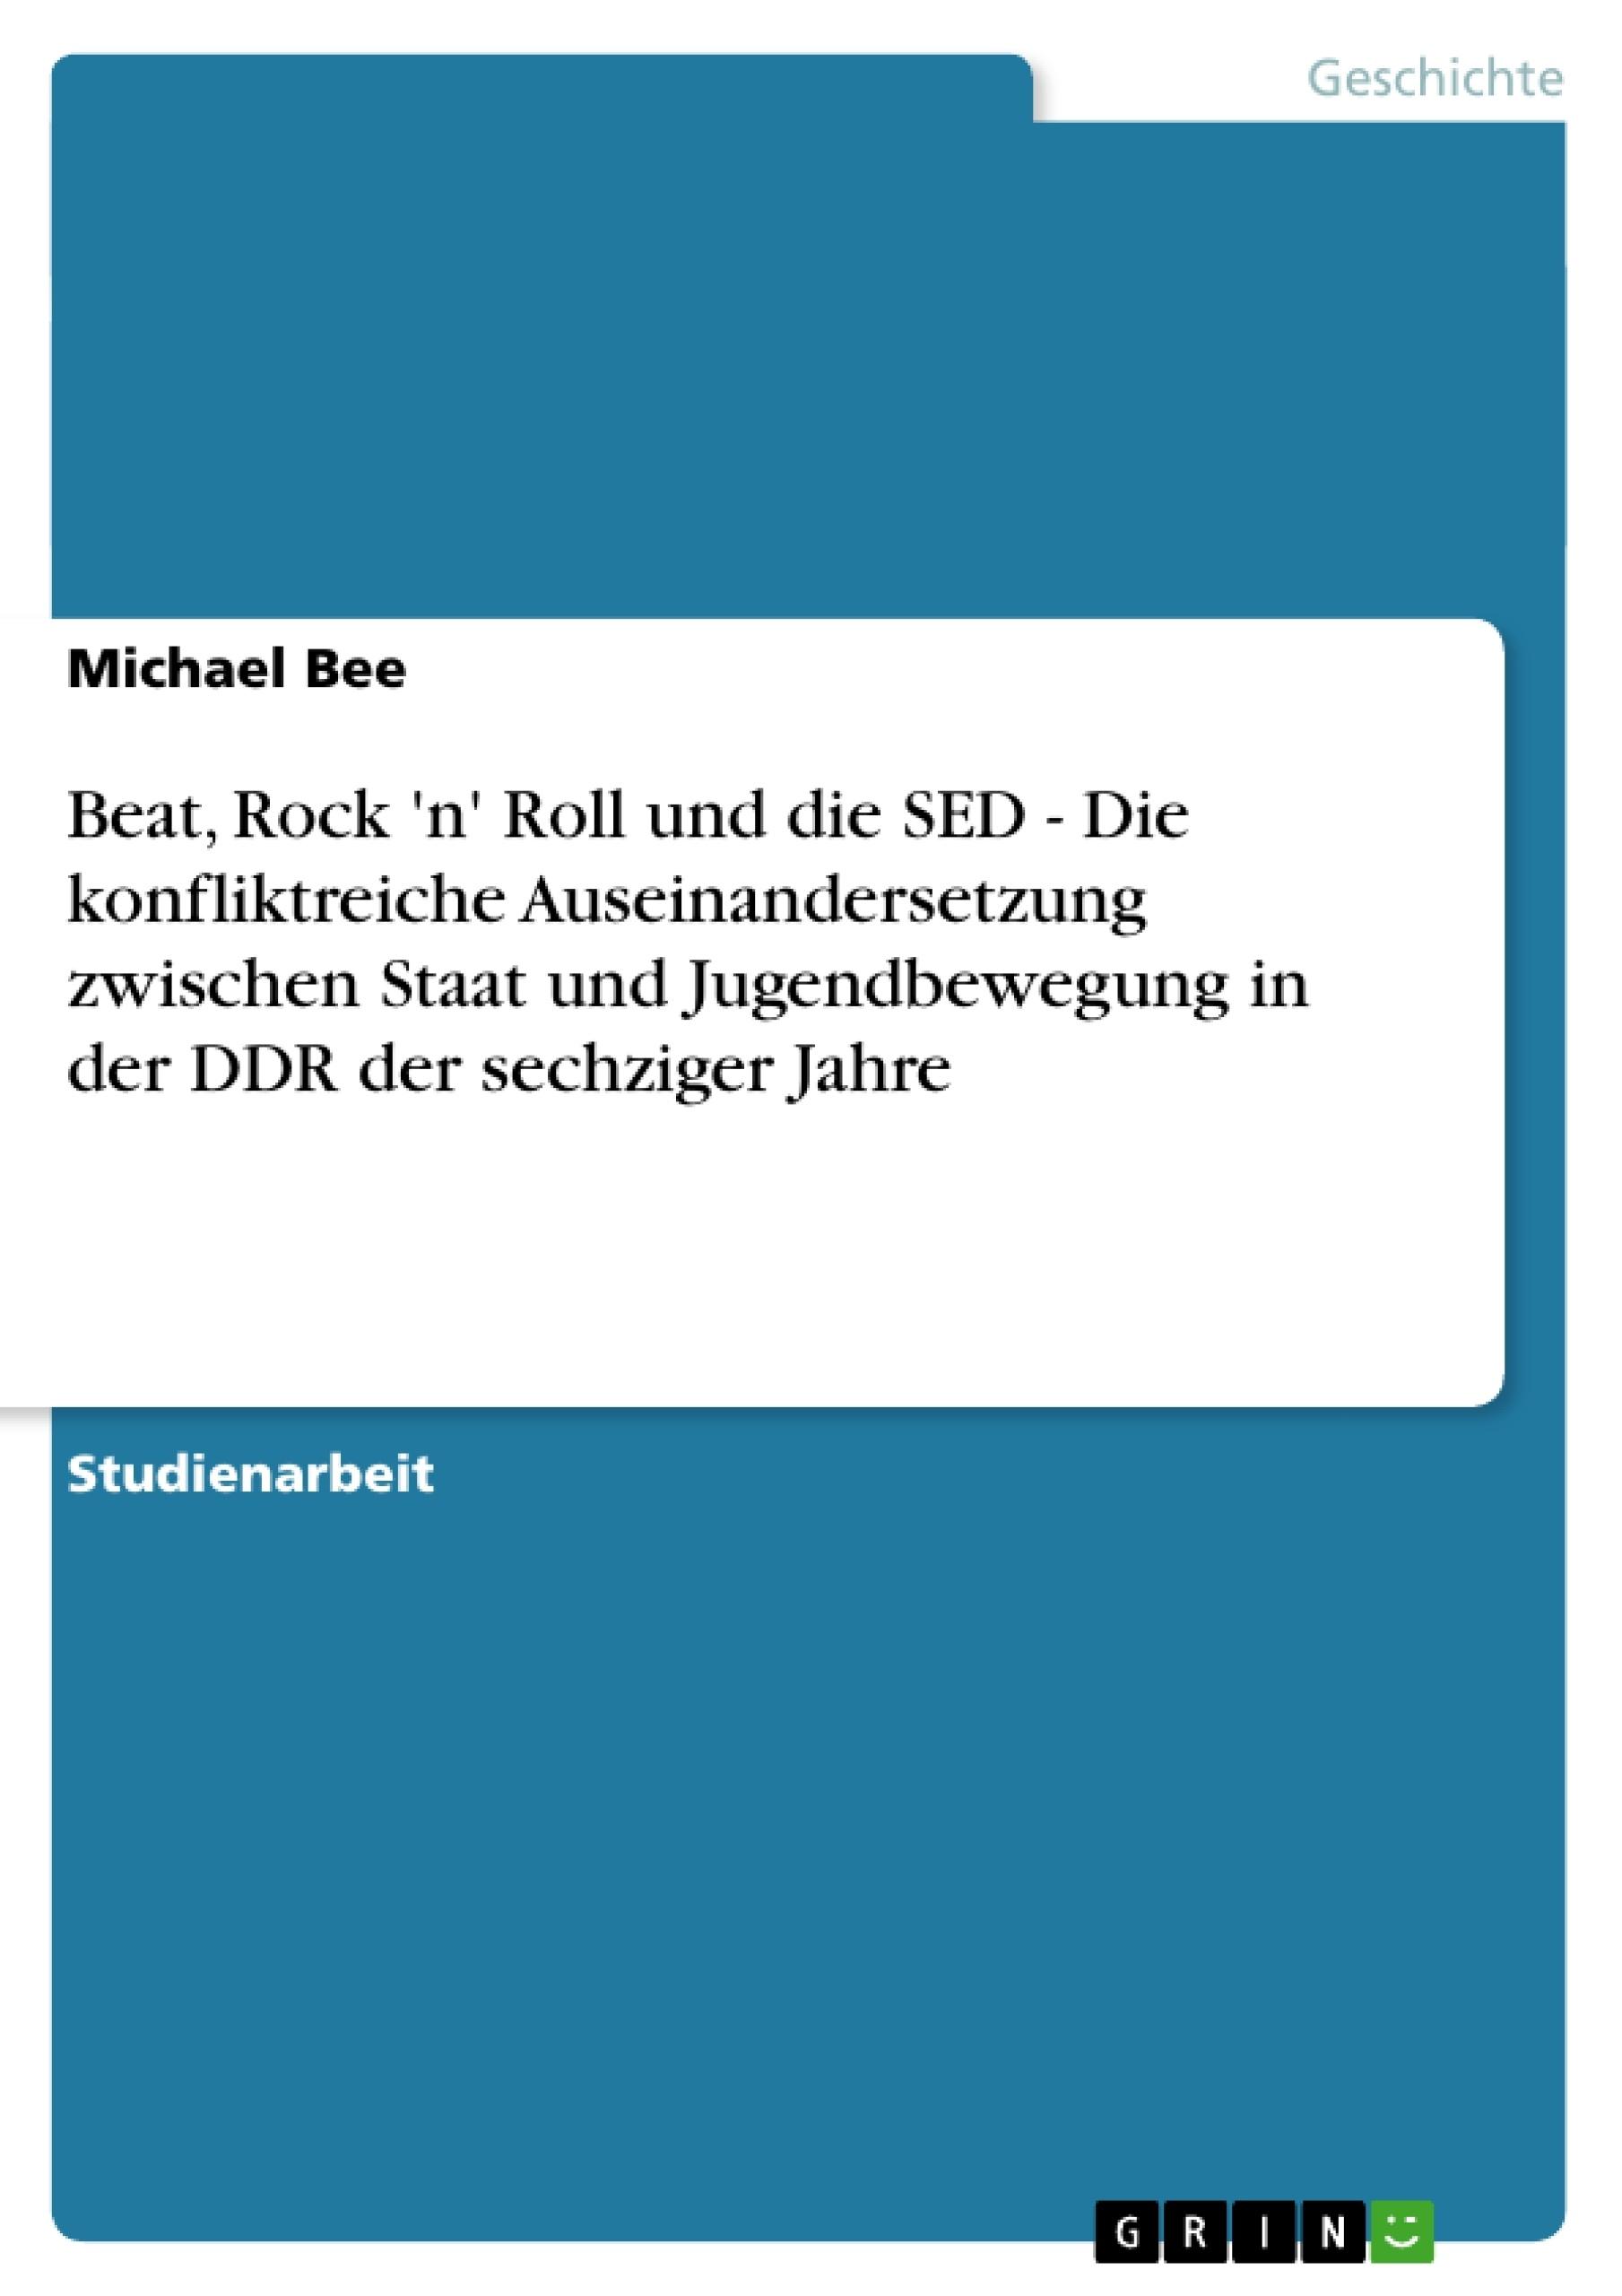 Titel: Beat, Rock 'n' Roll und die SED - Die konfliktreiche Auseinandersetzung zwischen Staat und Jugendbewegung in der DDR der sechziger Jahre